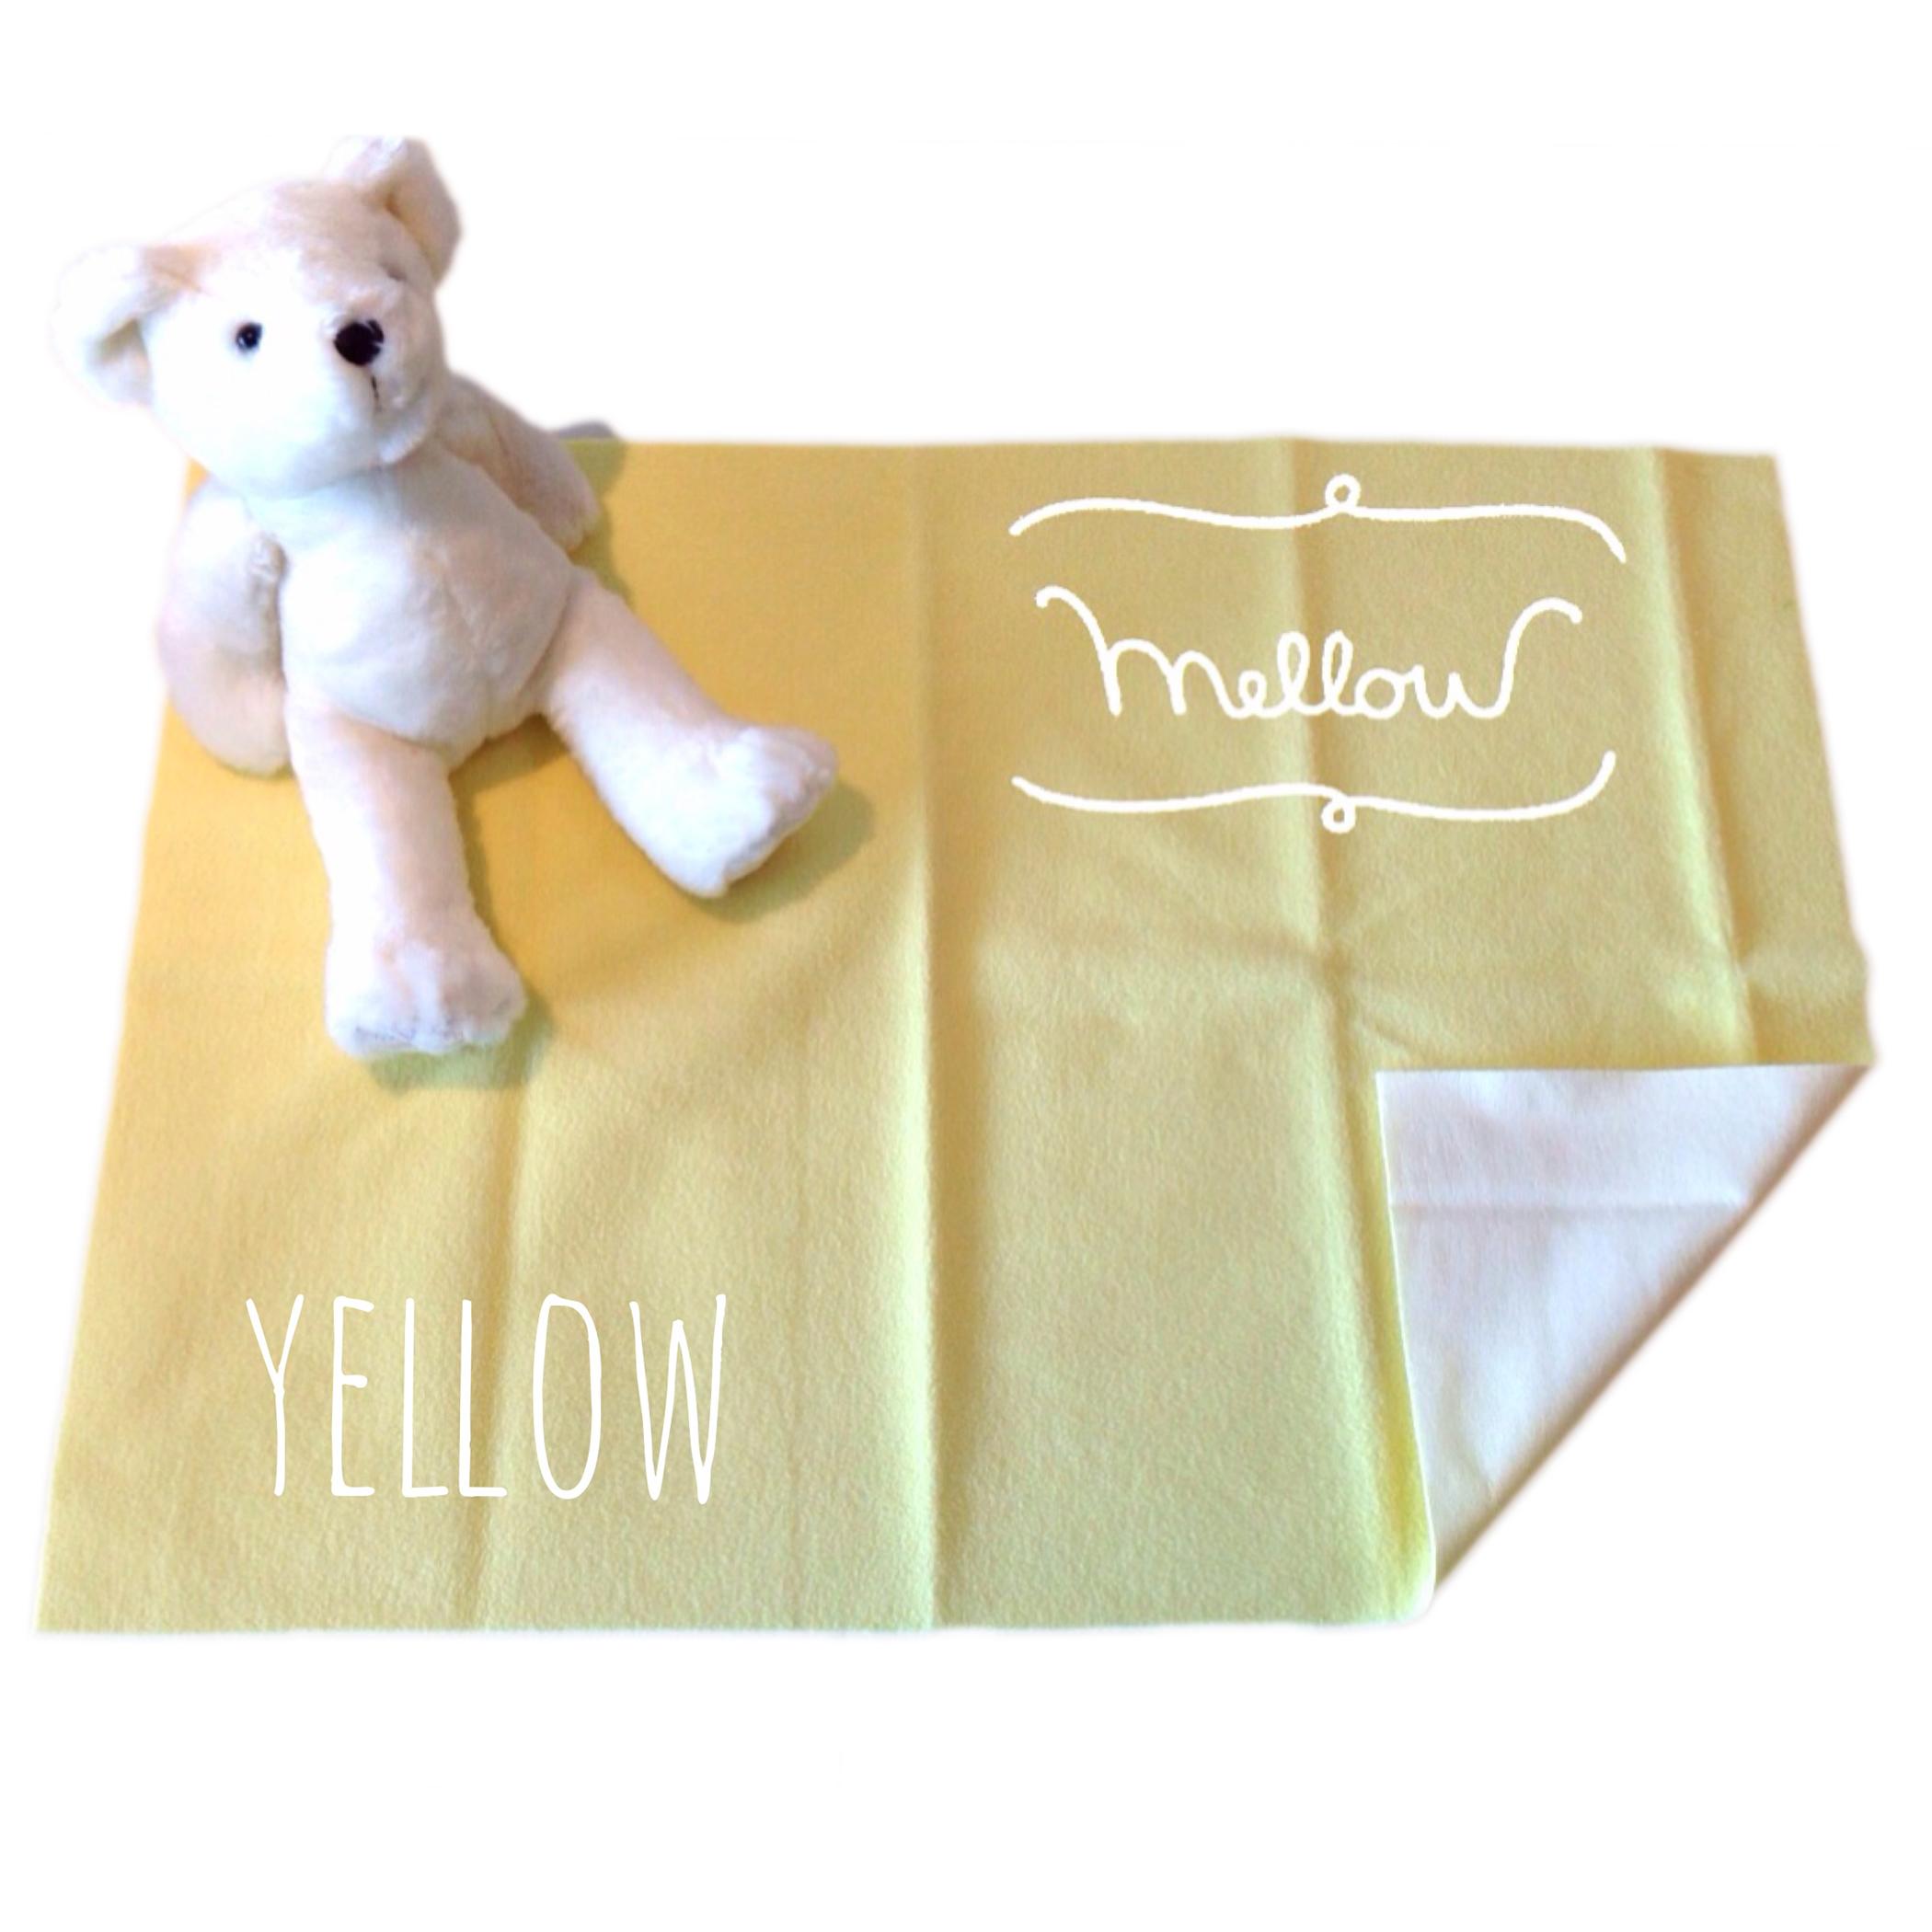 ผ้ารองกันฉี่ Mellow Quick dry SIZE S Yellow